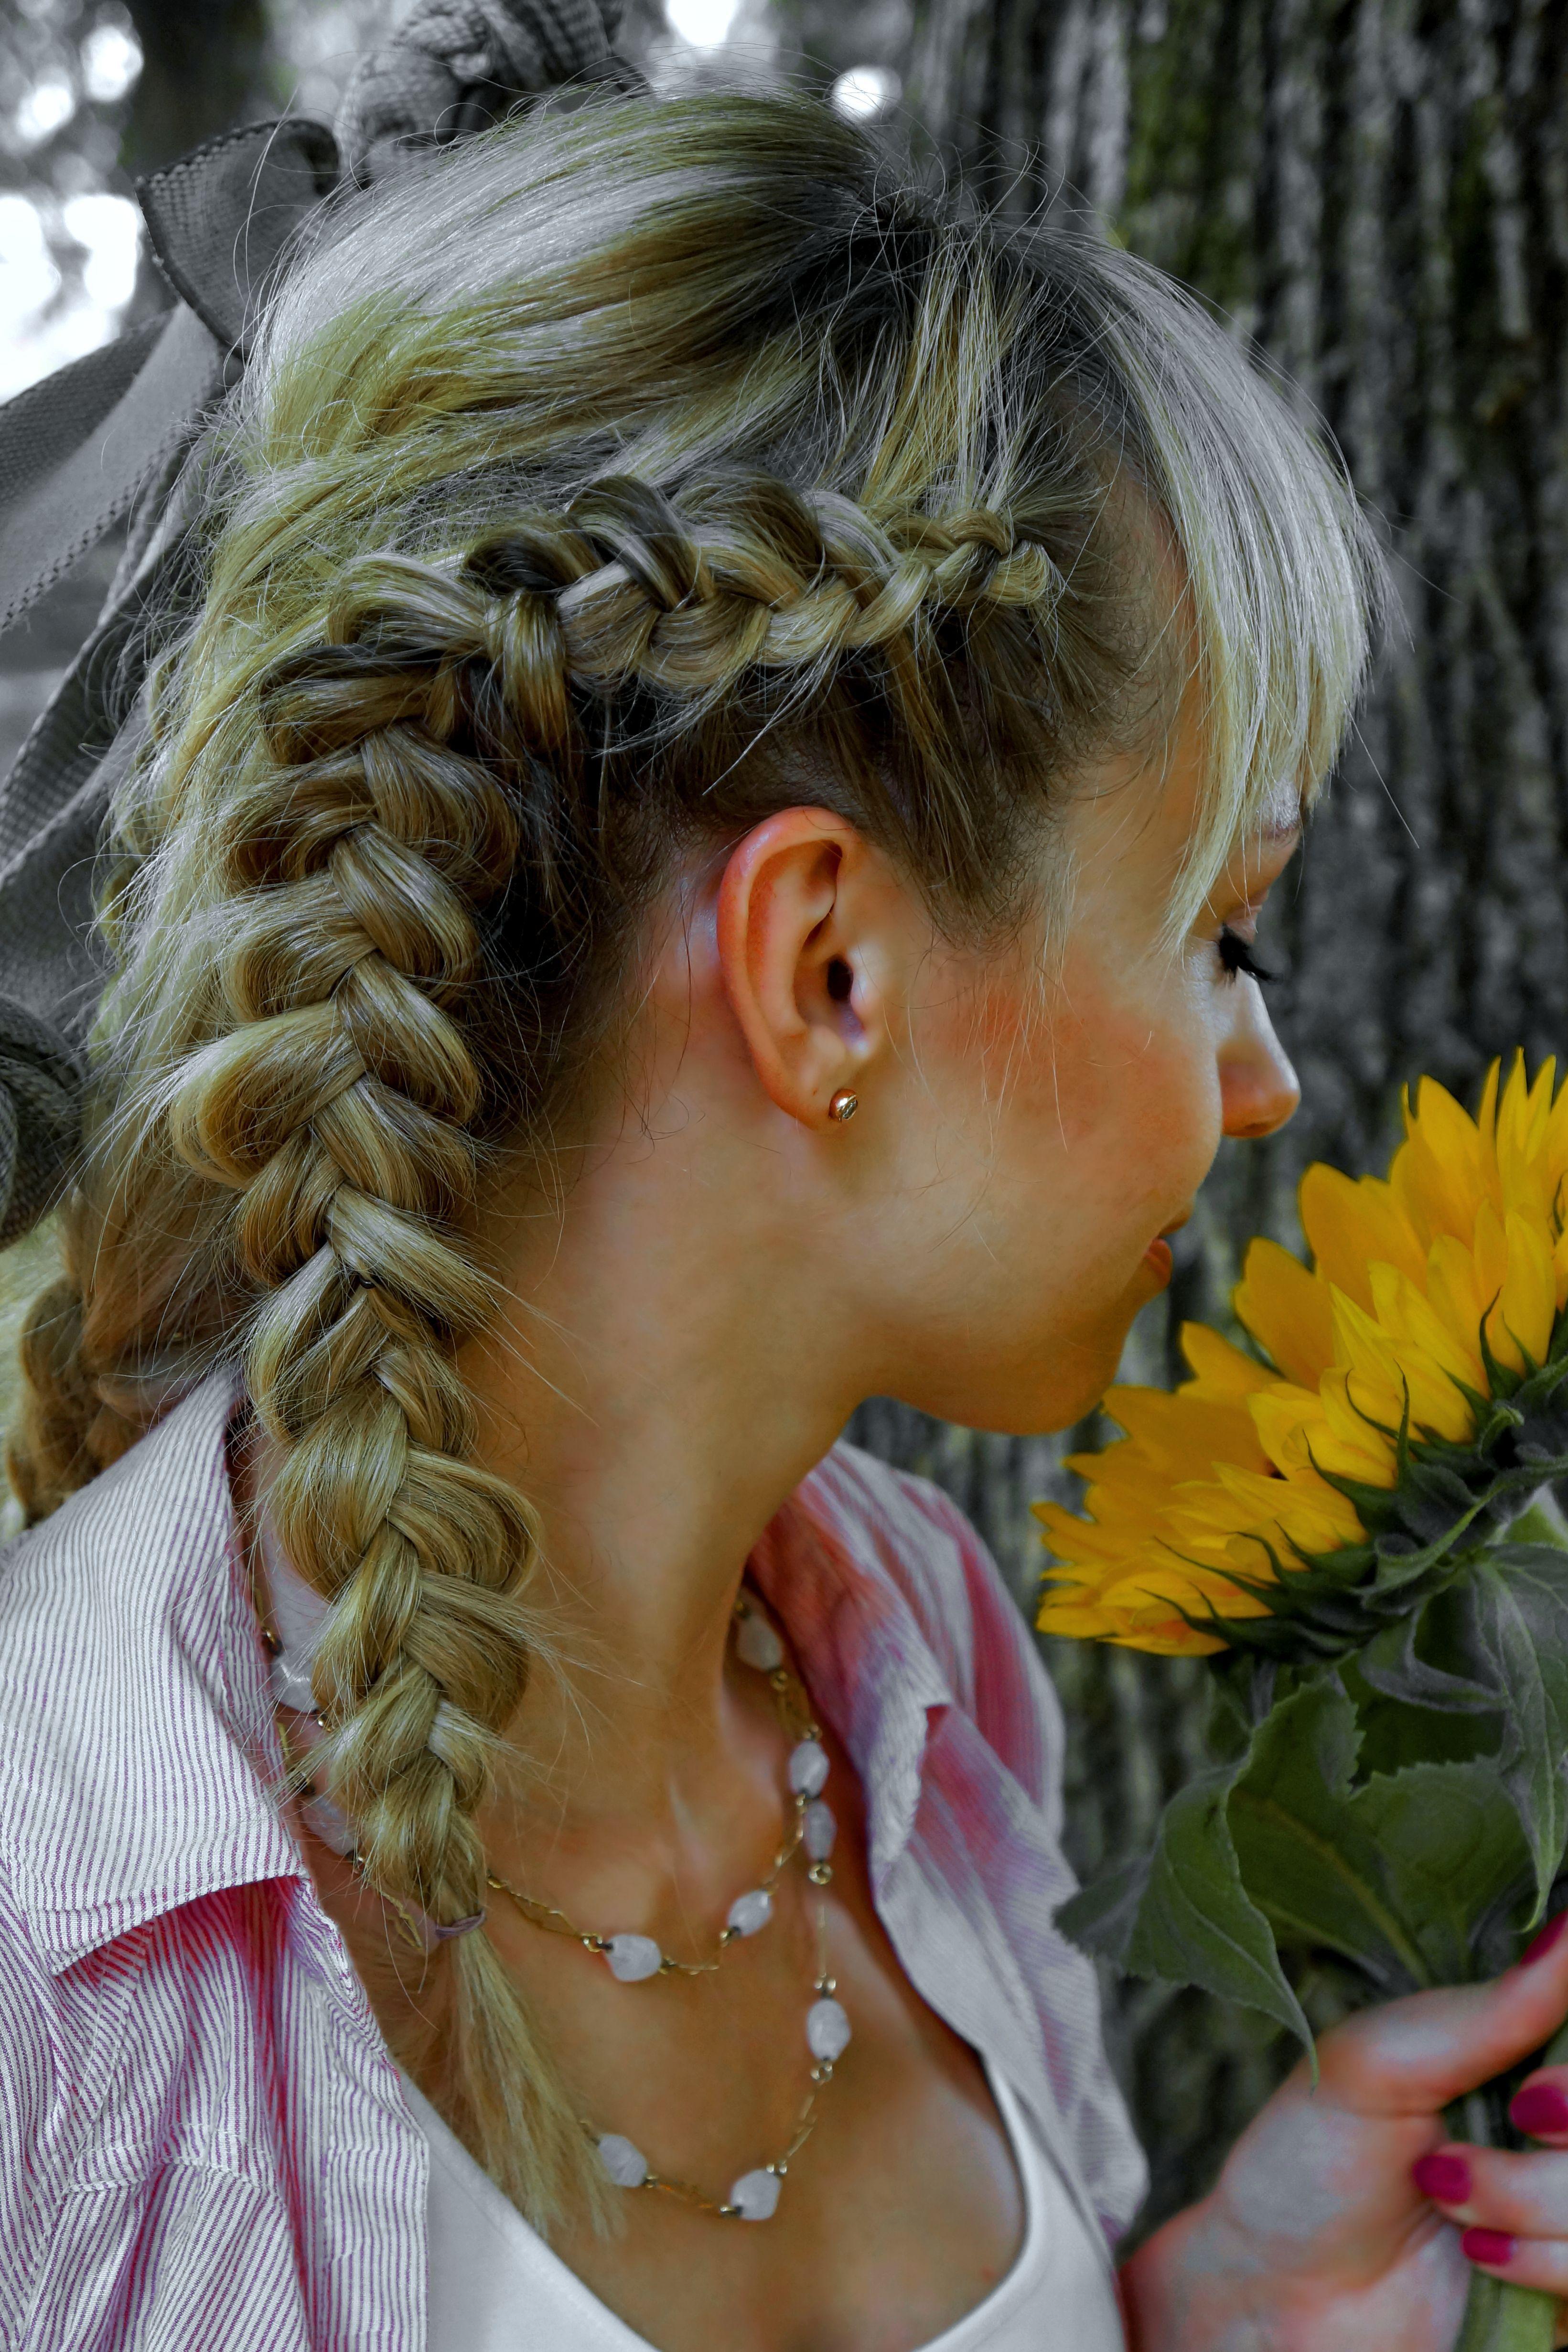 braid hairstyle longhair bride Zopf Frisur jga halboffen